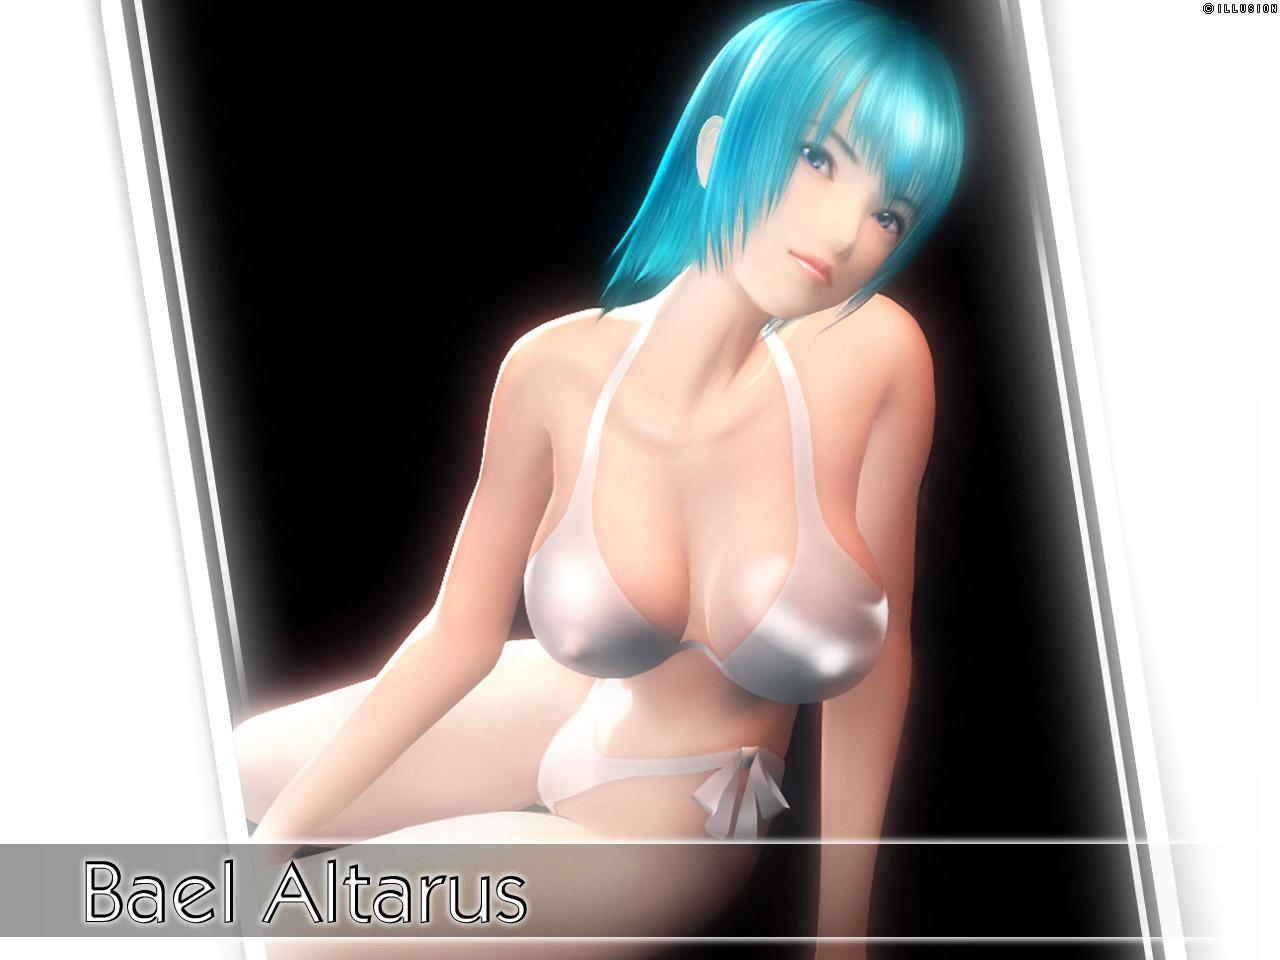 Artificial girl 2 movie clip naked photos